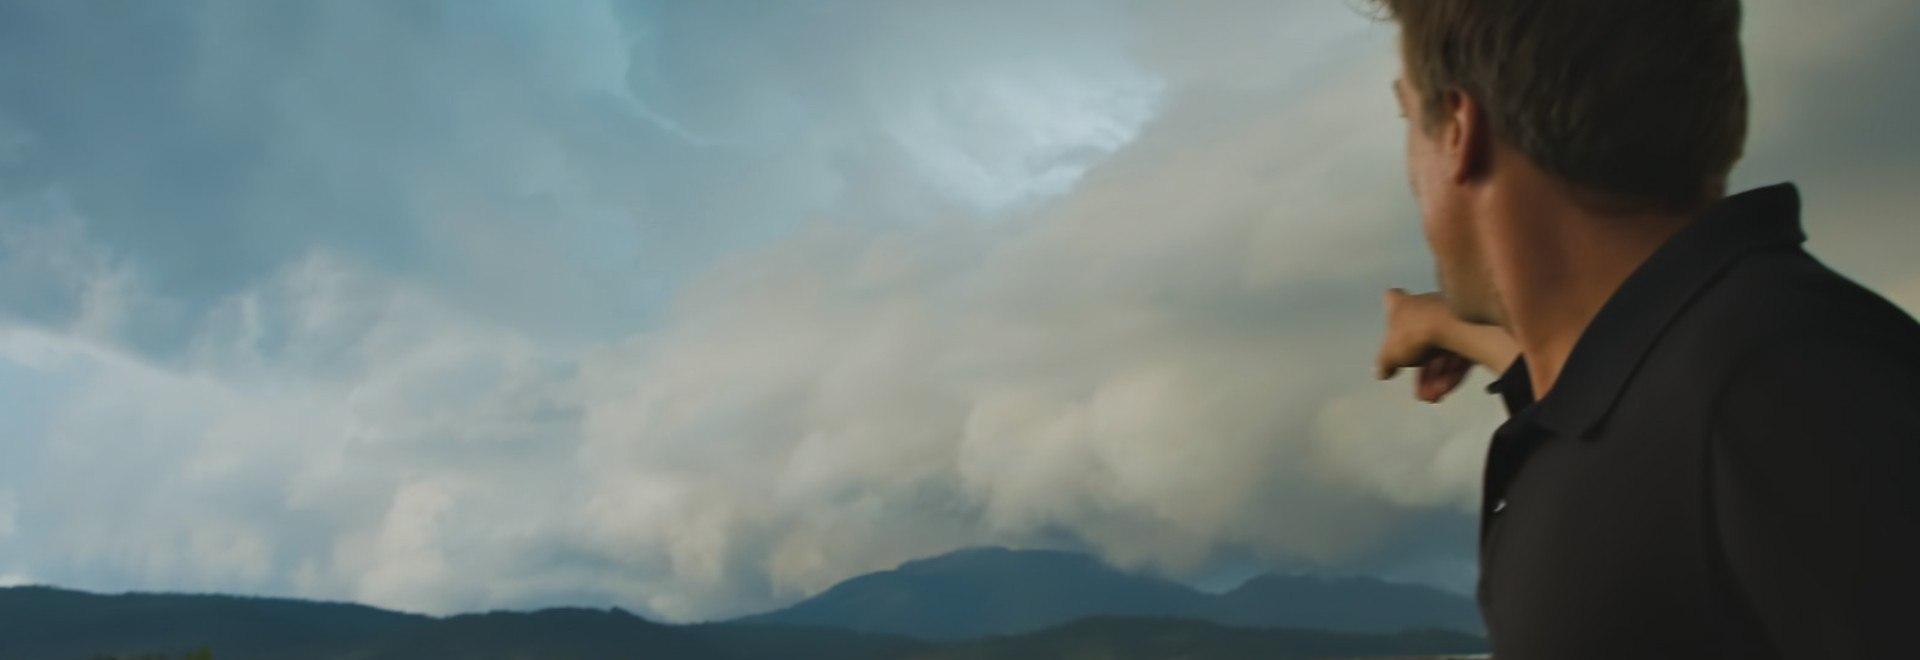 Tempeste mortali